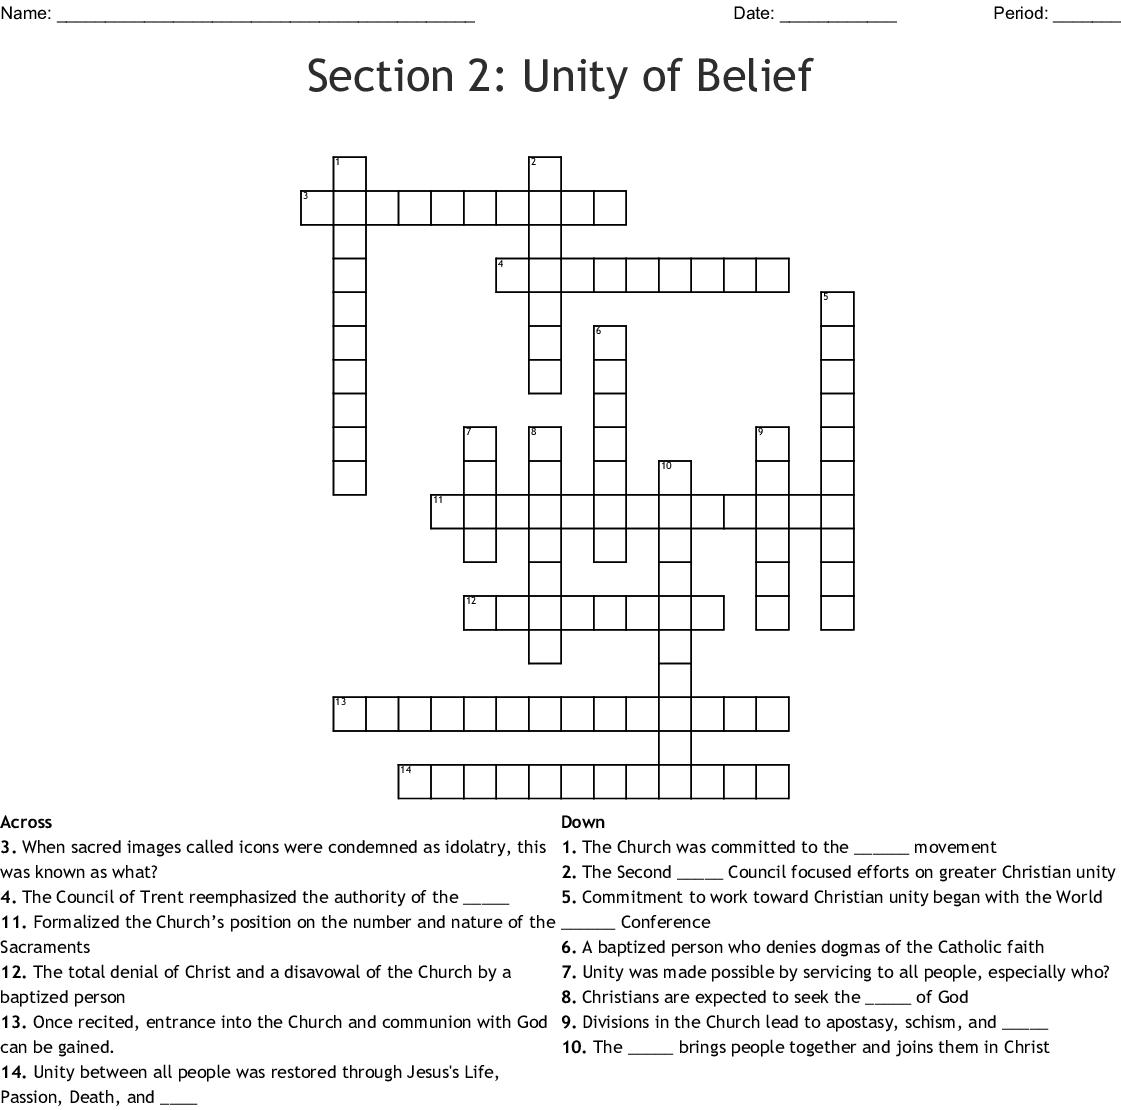 Section 2 Unity Of Belief Crossword